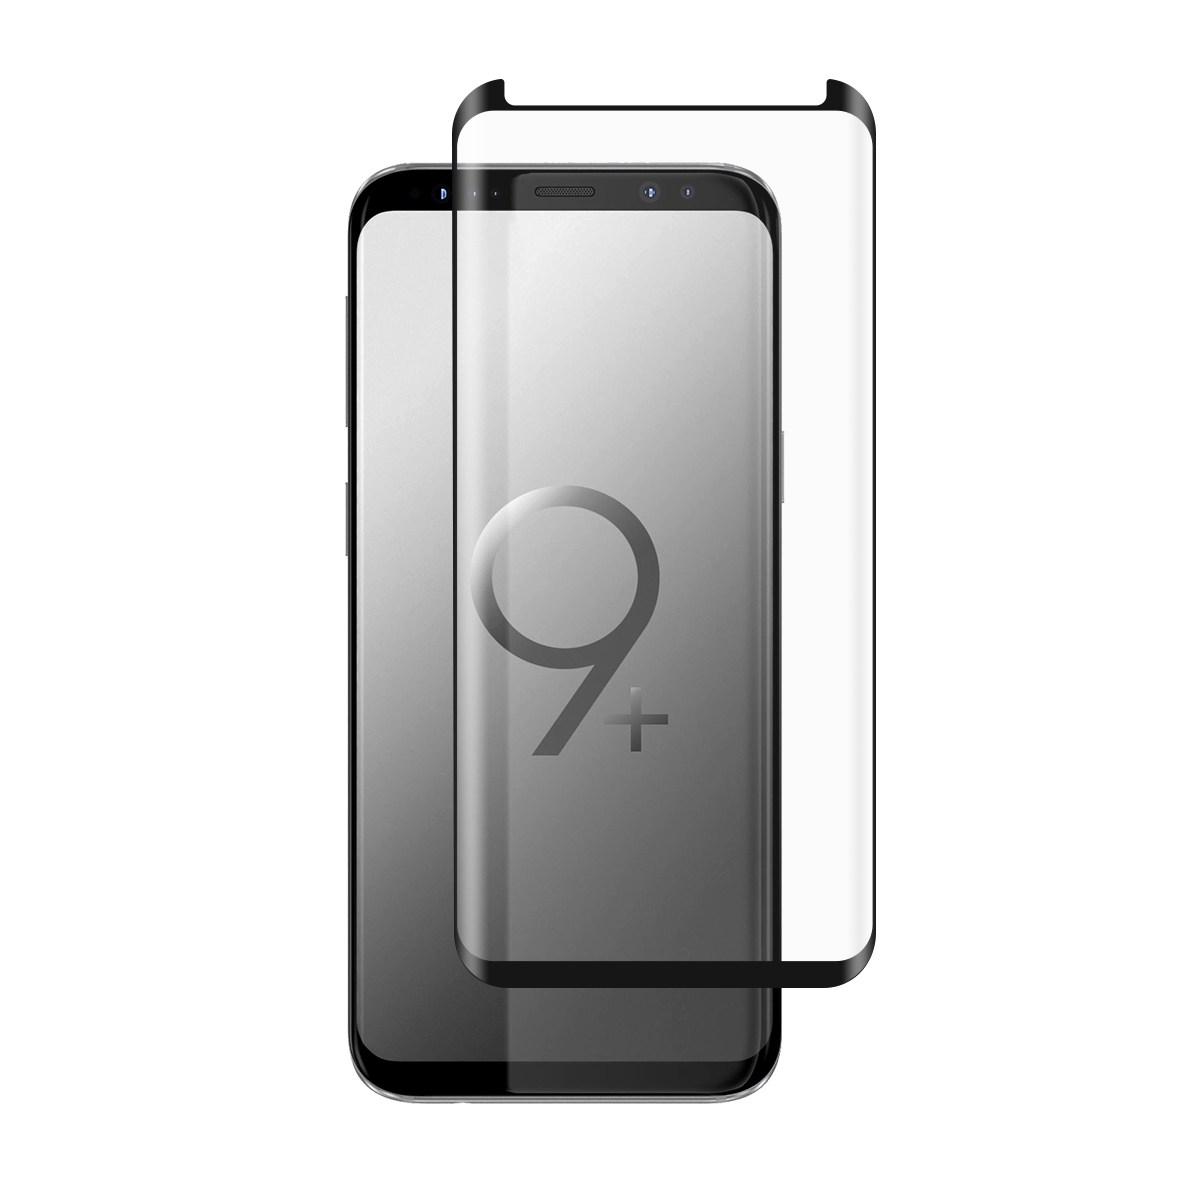 <b><mark><i>NAUJIENA!</i></b></mark> Apsauginis grūdintas stiklas Samsung S9+ (3D, lipnūs kraštai)